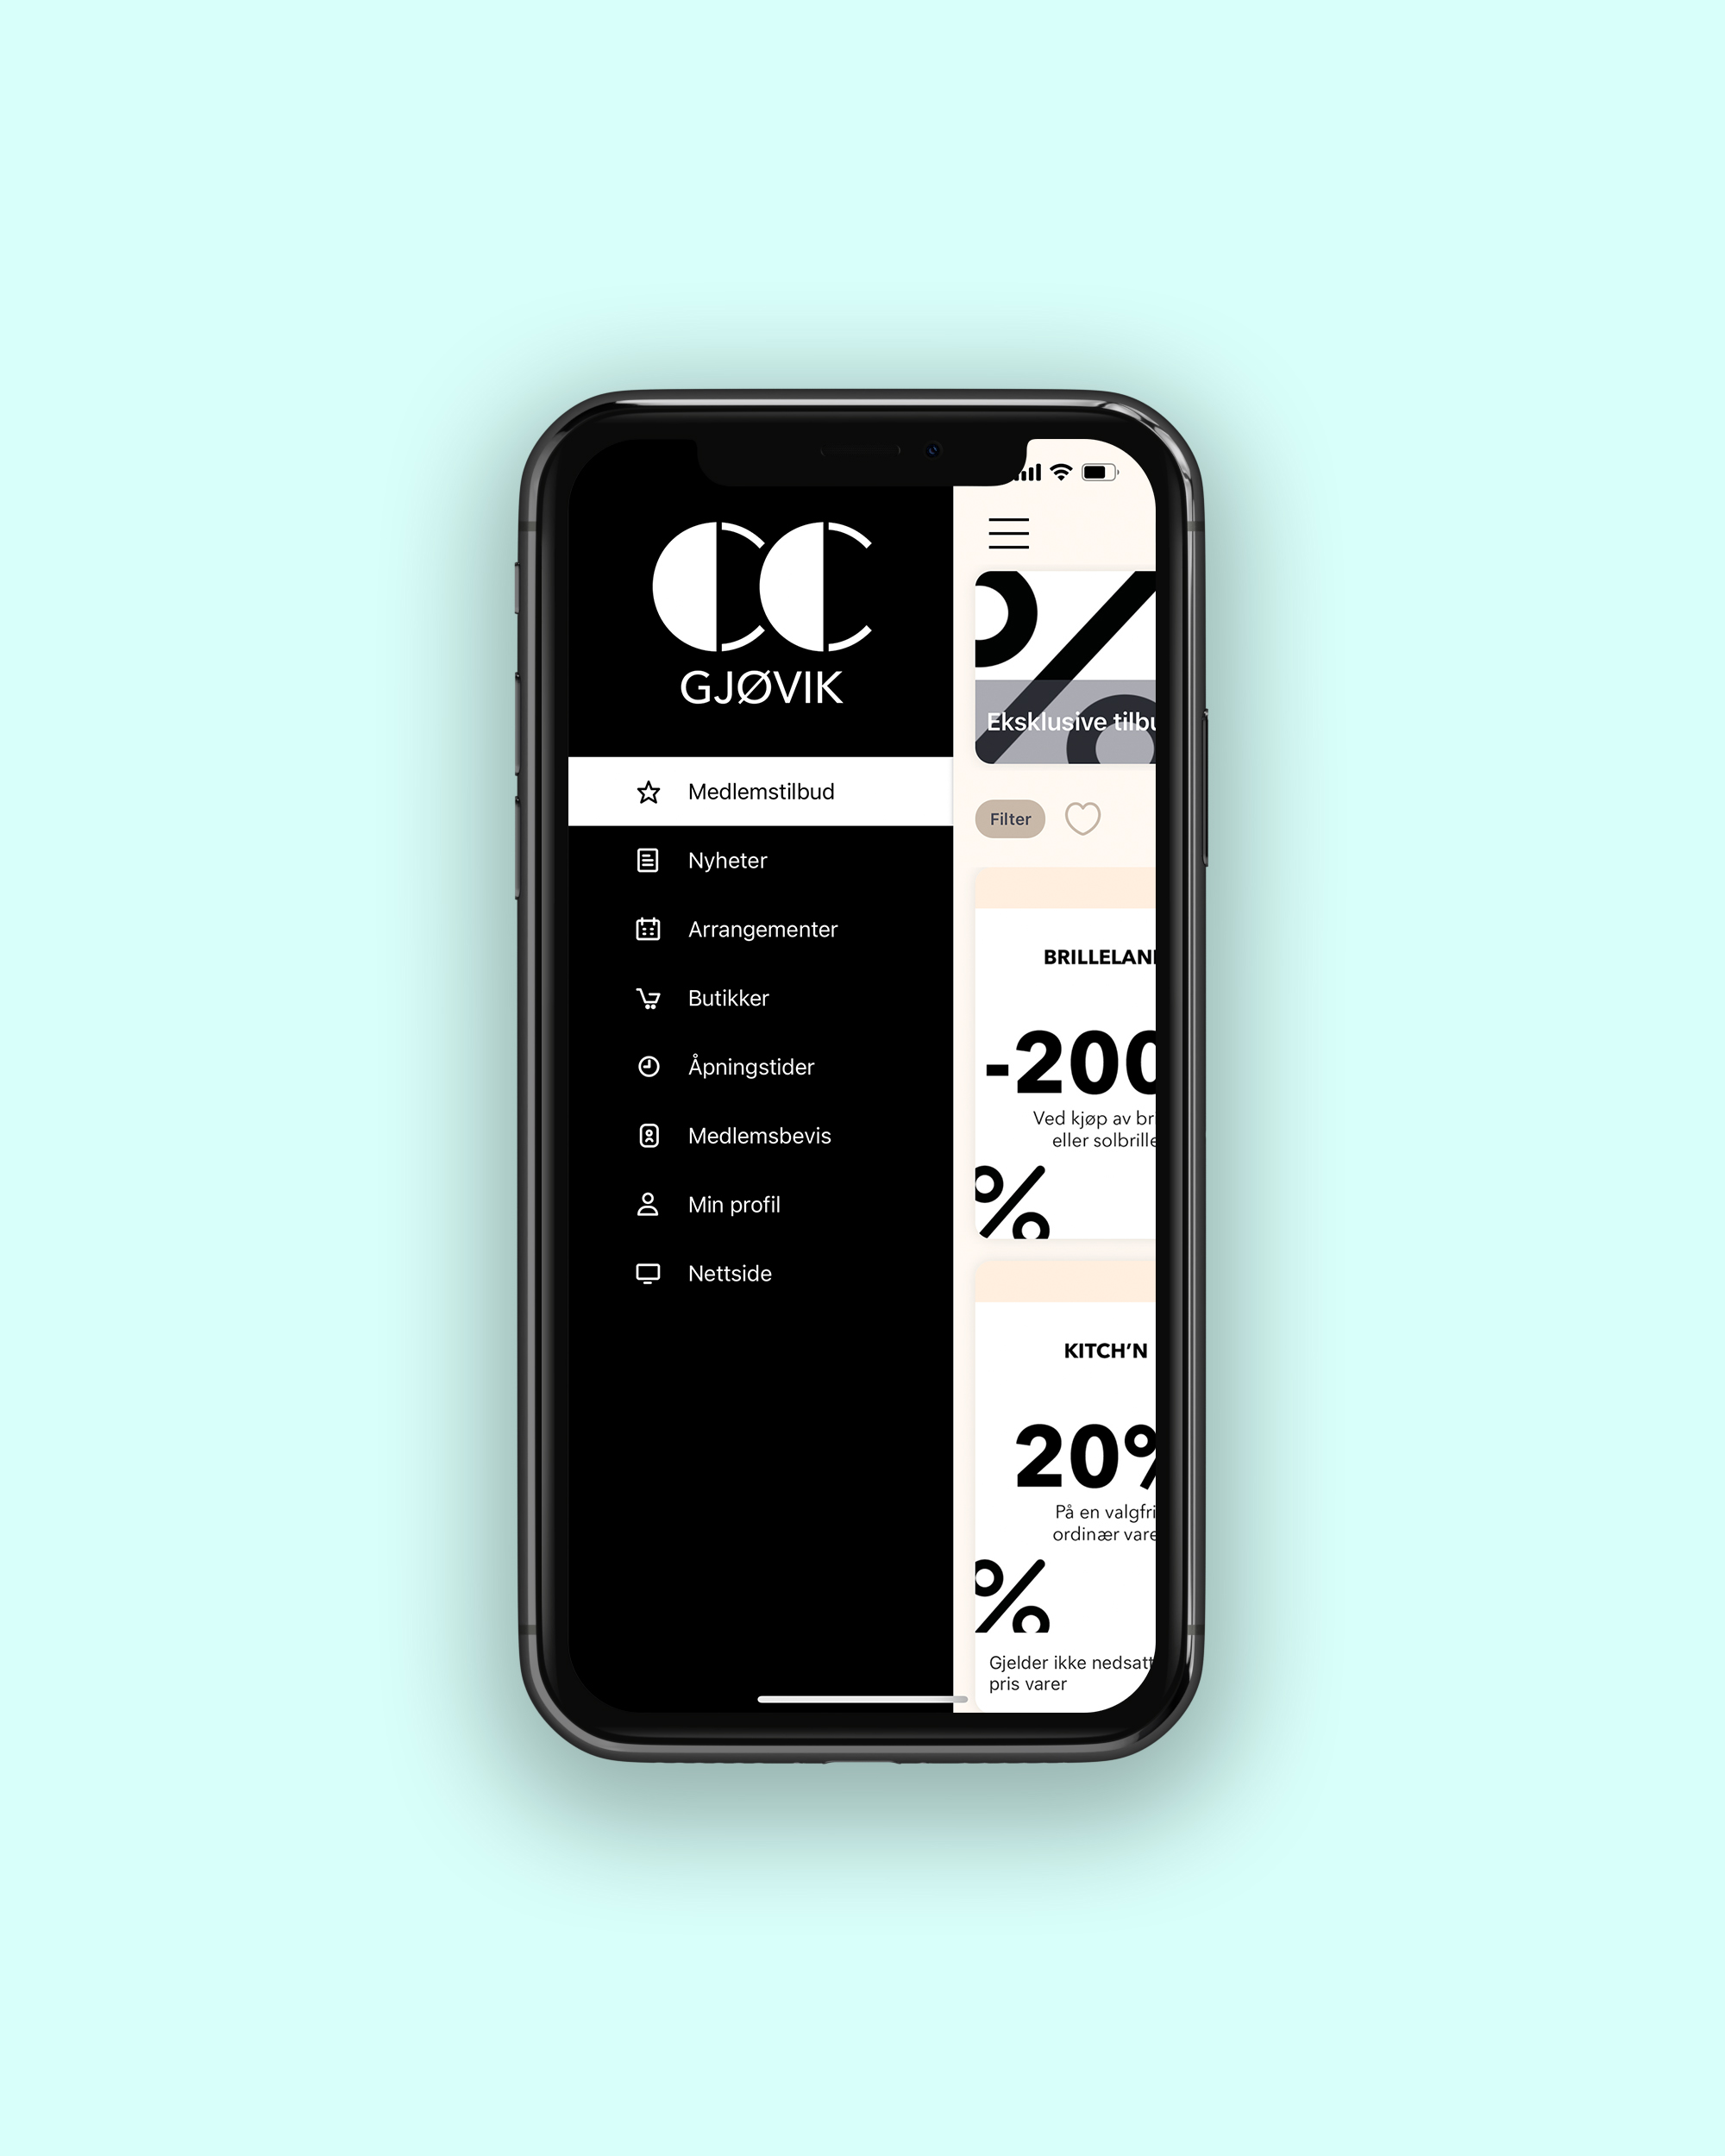 CC Gjøvik kundeklubb app, forside